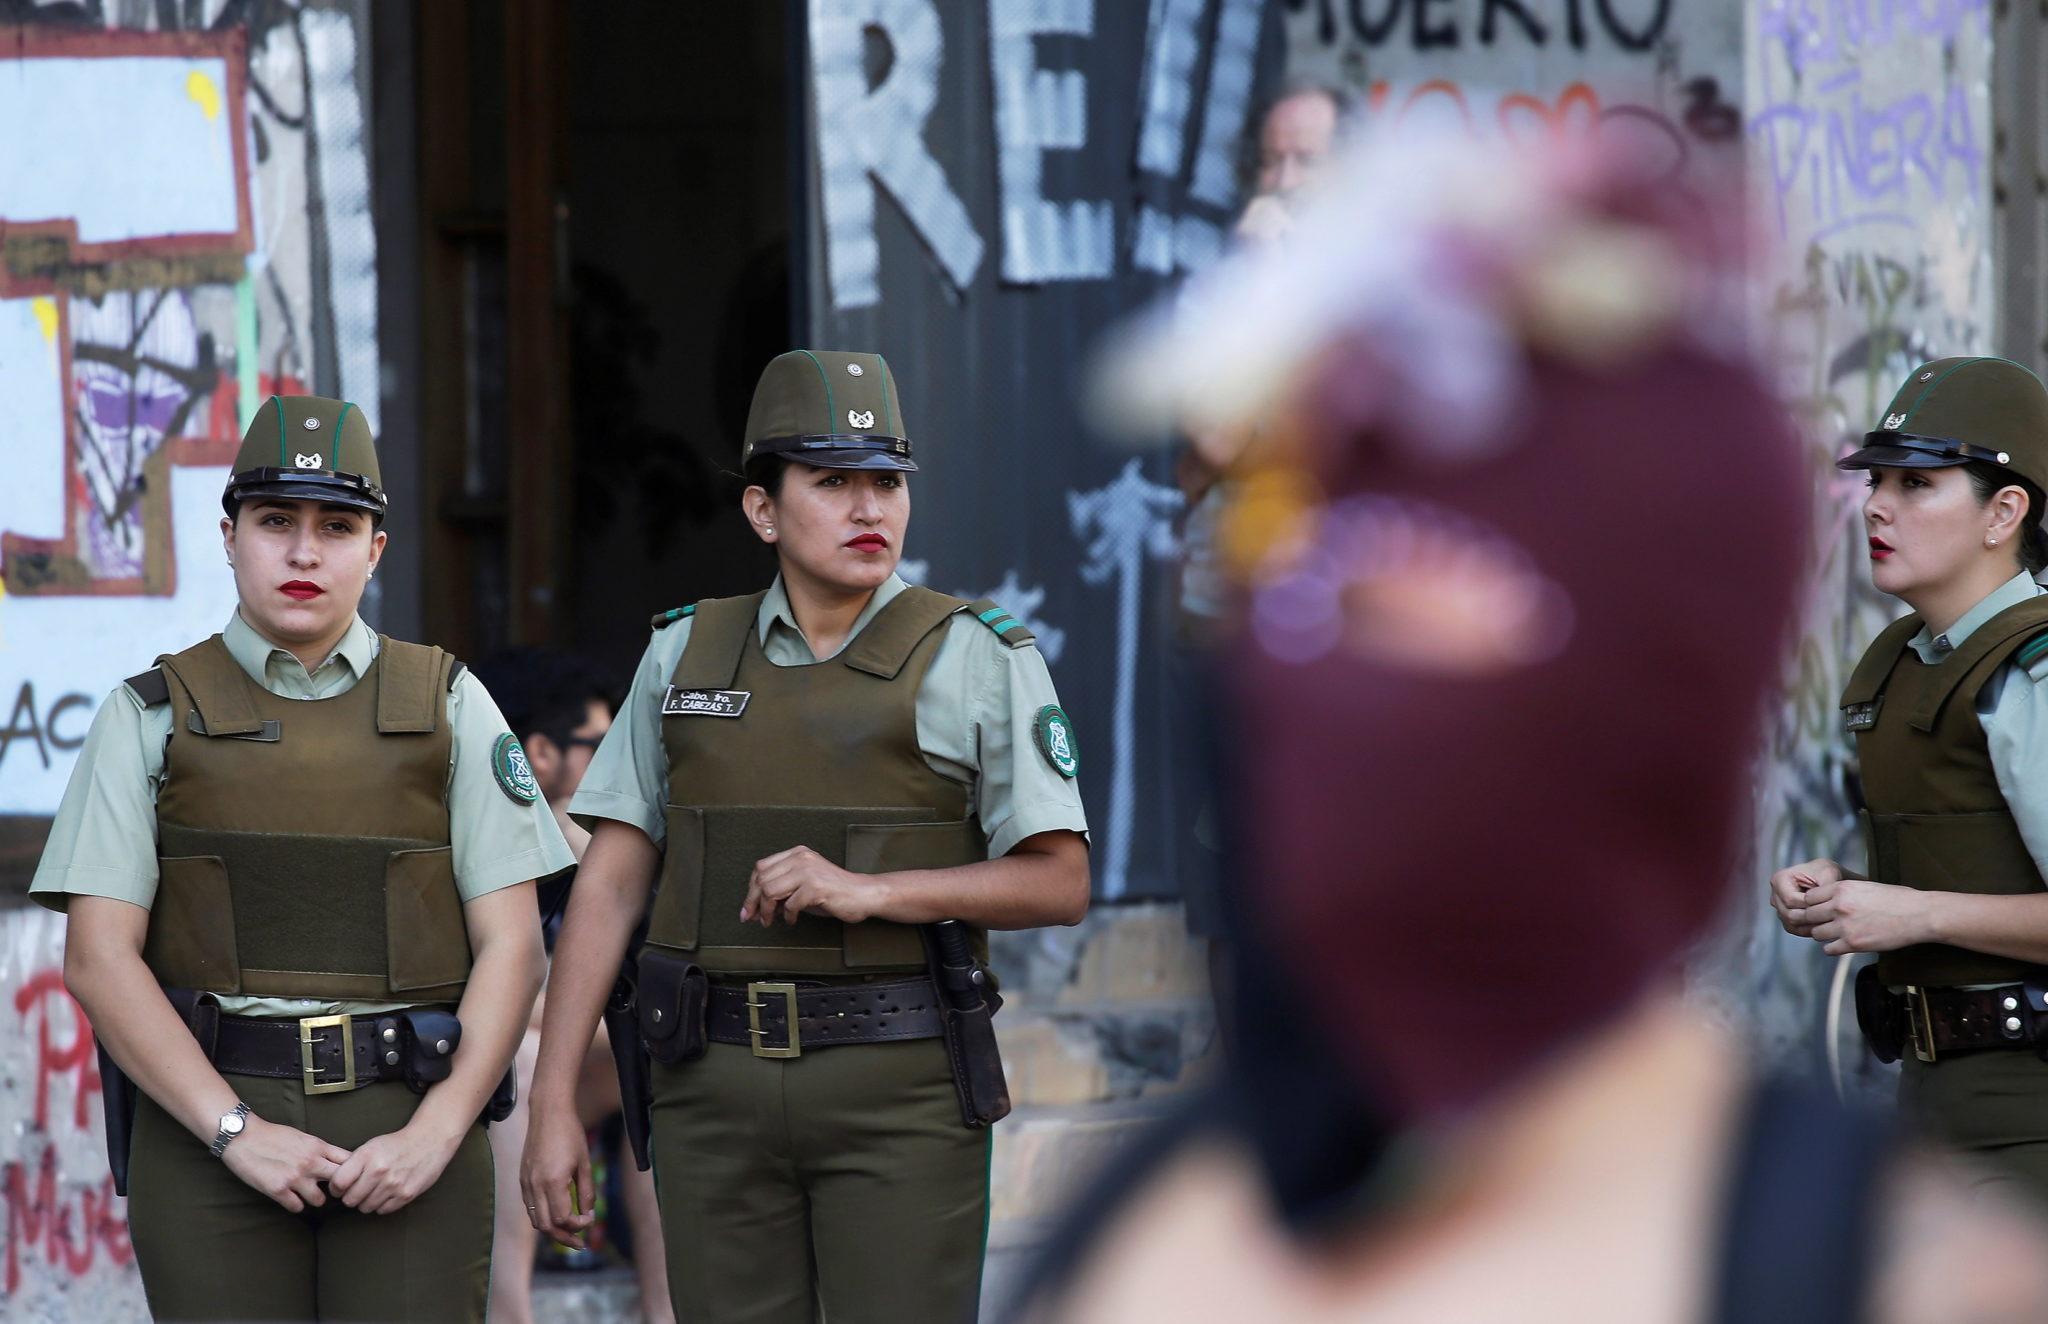 Santiago, Chile: policjanci (w tym policjantki) pilnują bezpieczeństwa marszów zorganizowanych z okazji Międzynarodowego Dnia Kobiet, fot. EPA/Alberto Valdes